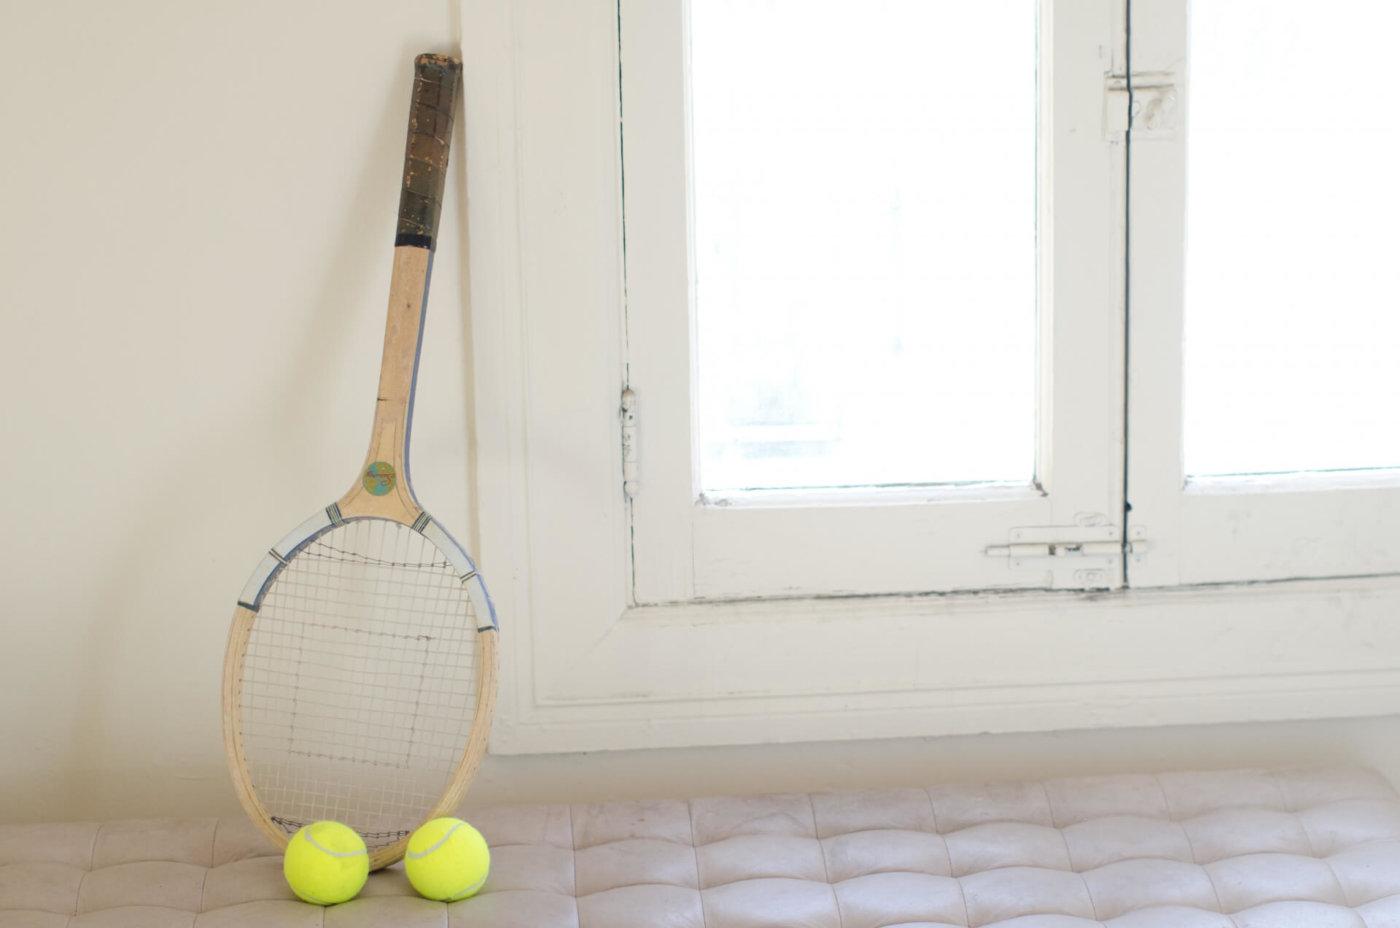 【初級者から中級者向け】テニスのグリップテープの正しい選び方と巻き方